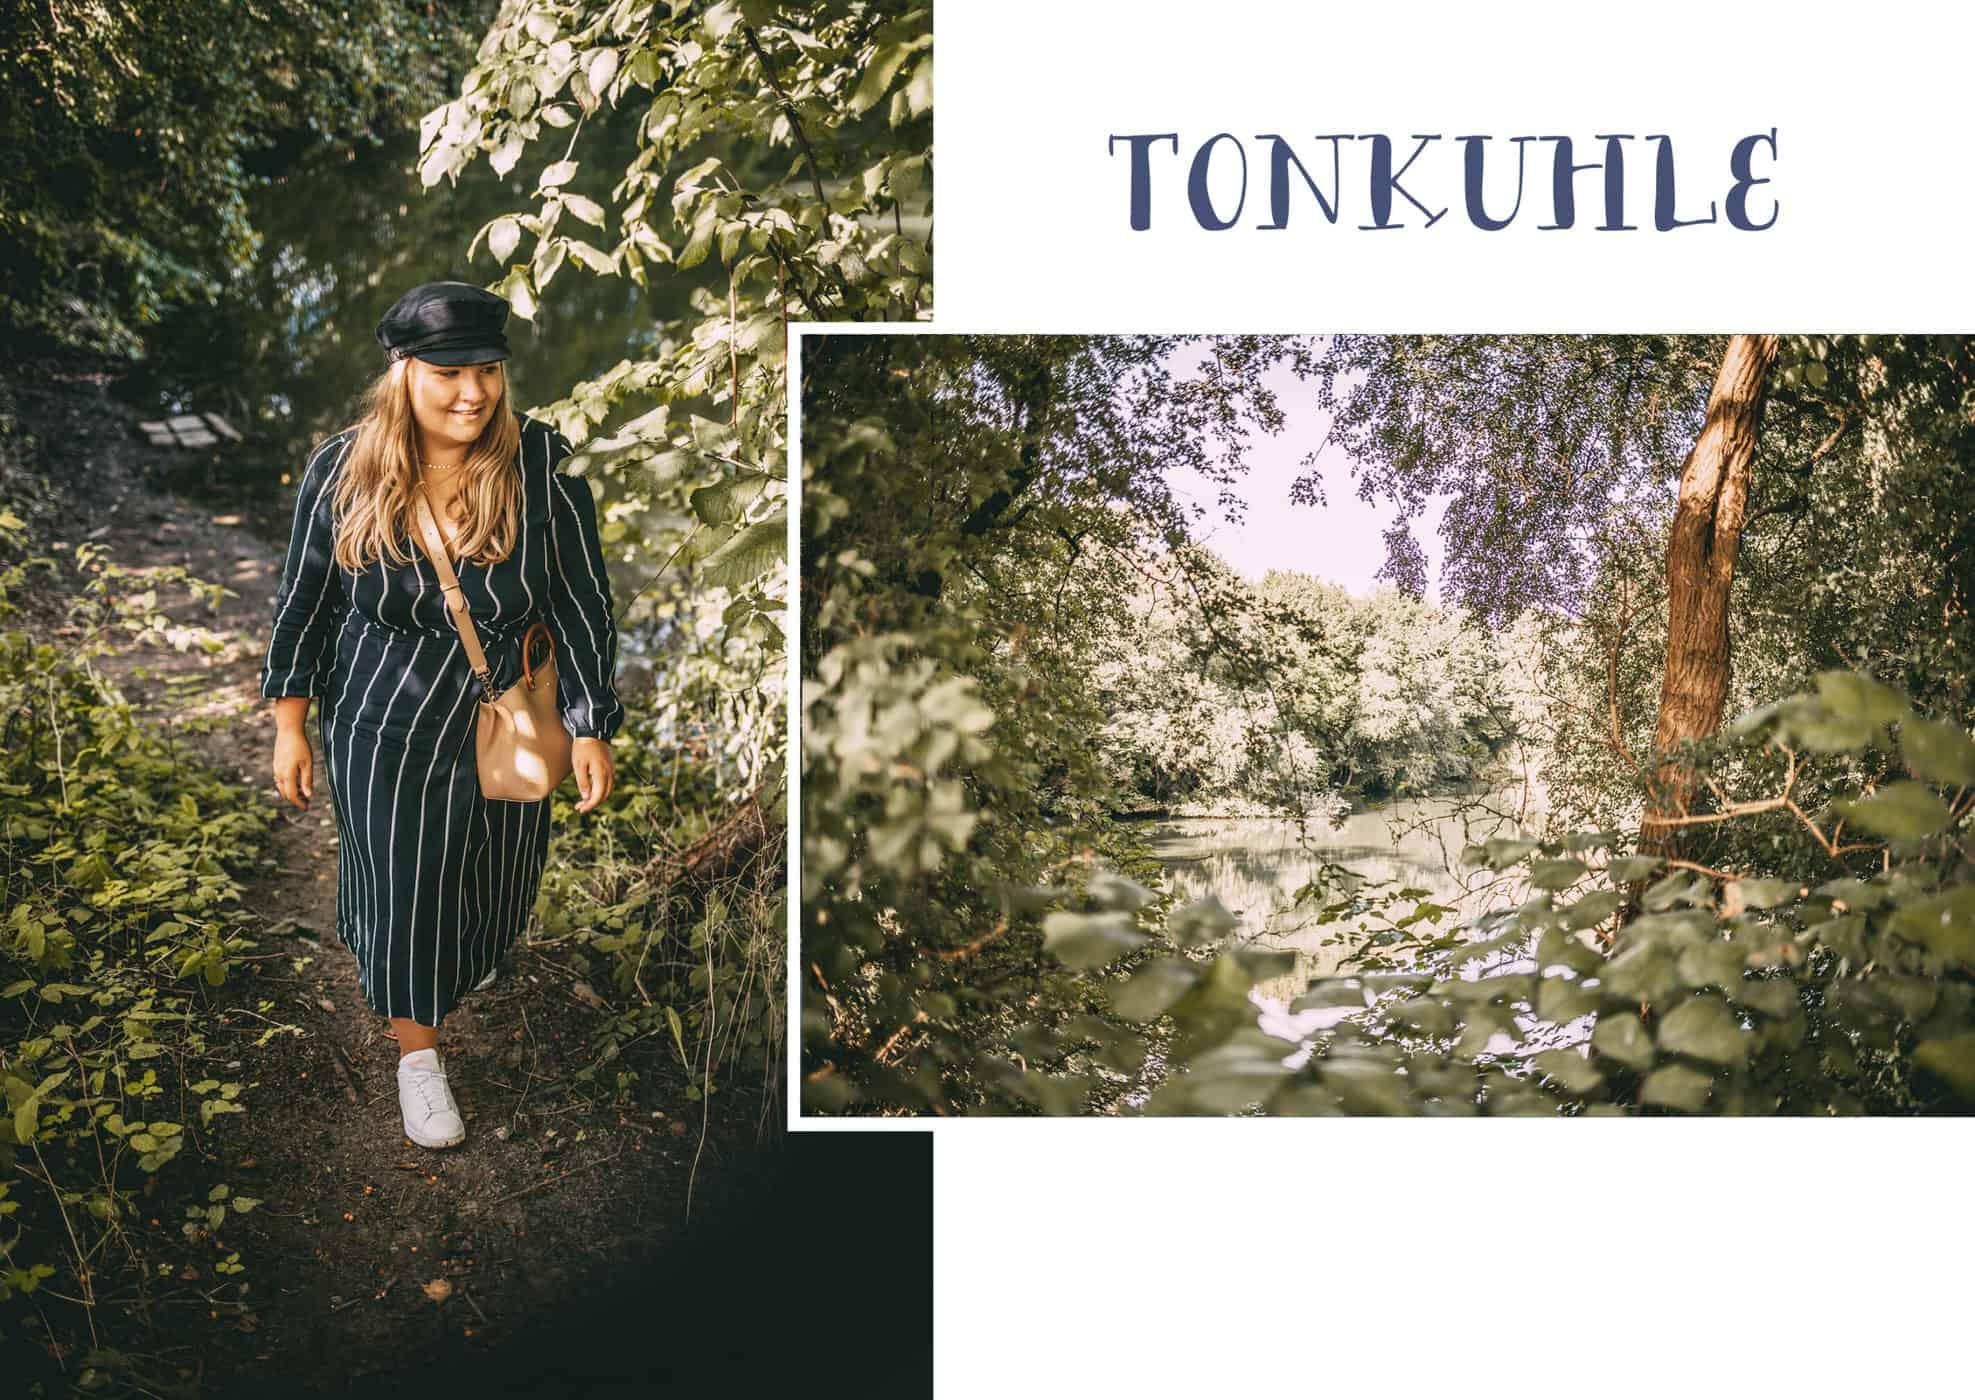 Tonkuhle Itzehoe